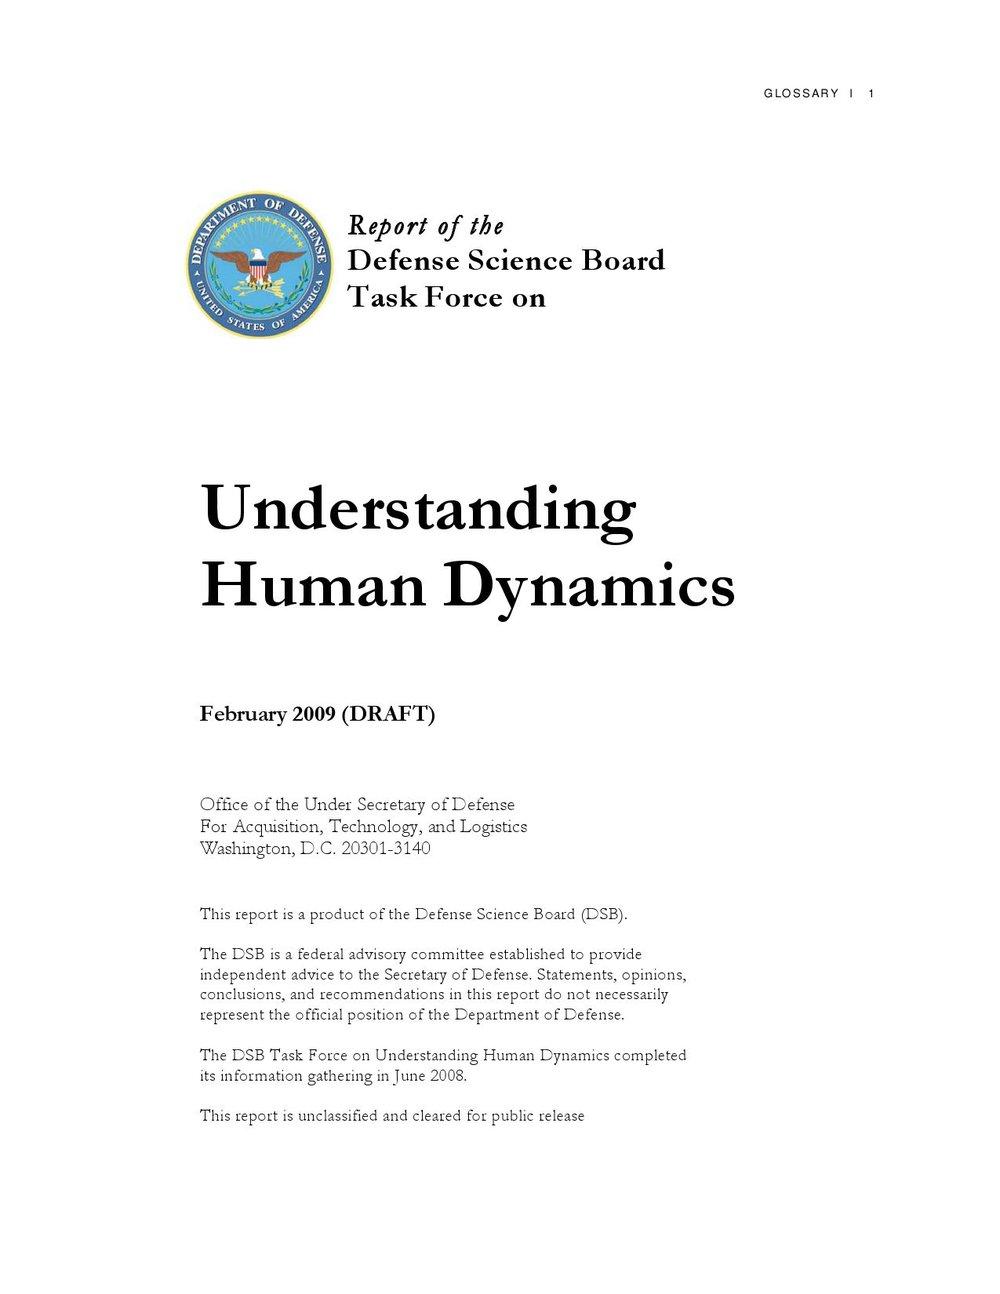 Understanding Human Dynamics